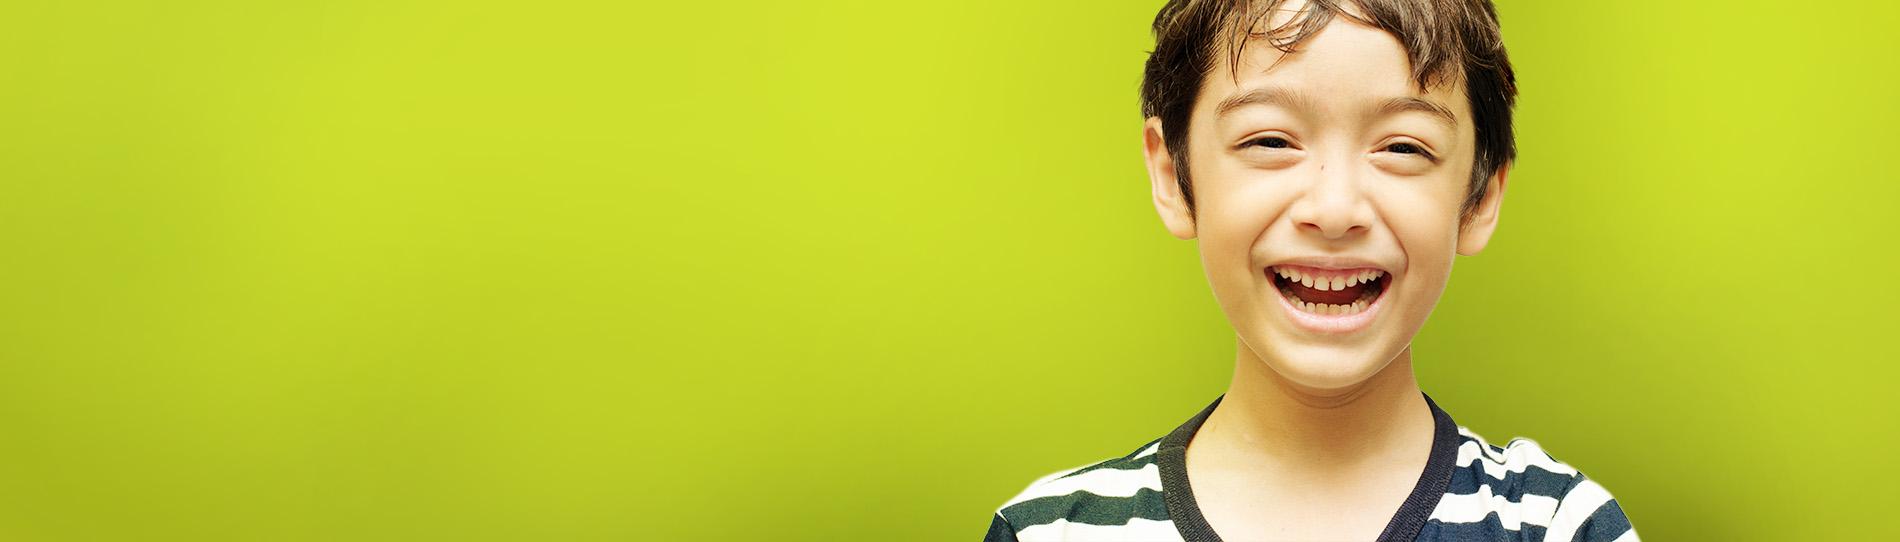 slidelightgreen